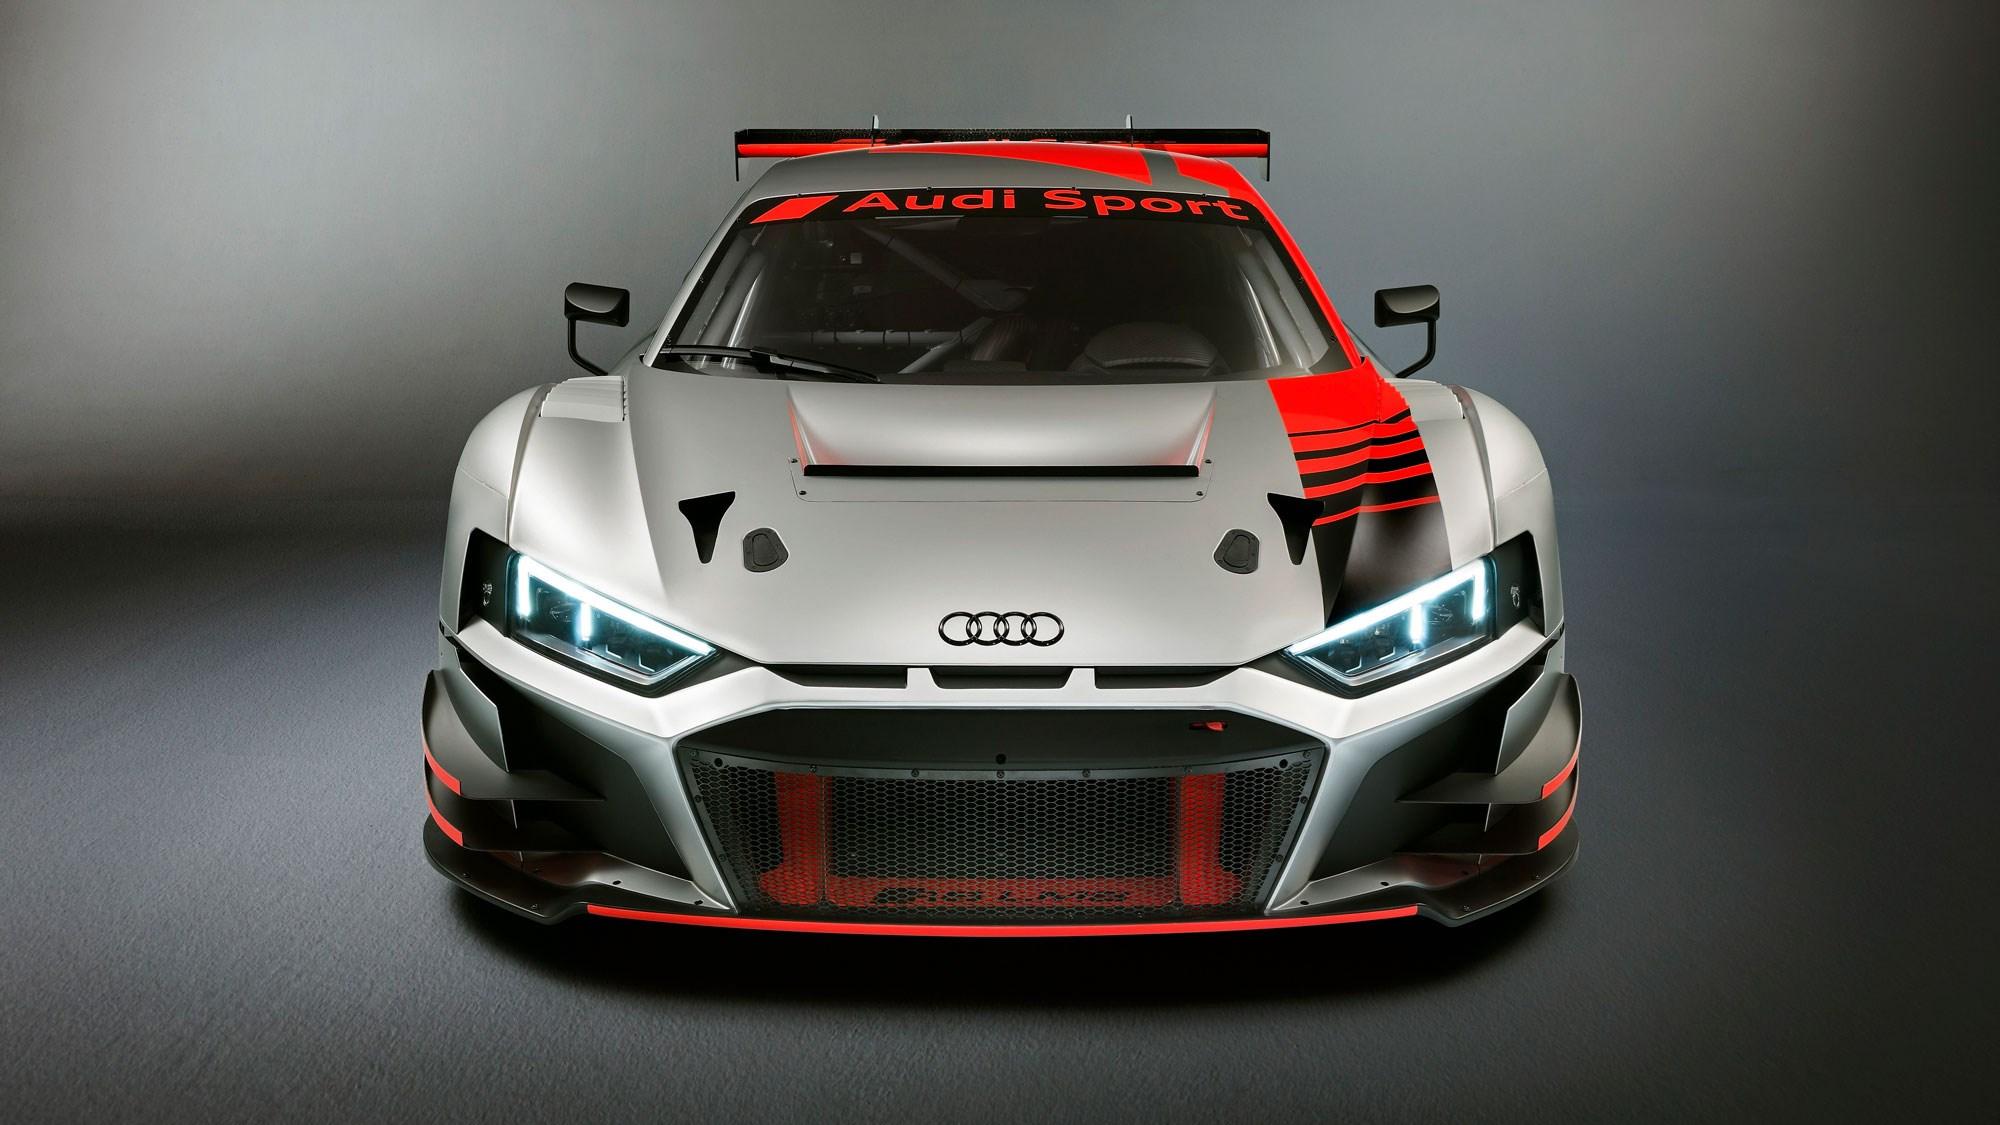 Slikovni rezultat za Audi R8 previewed by 2019 LMS race car